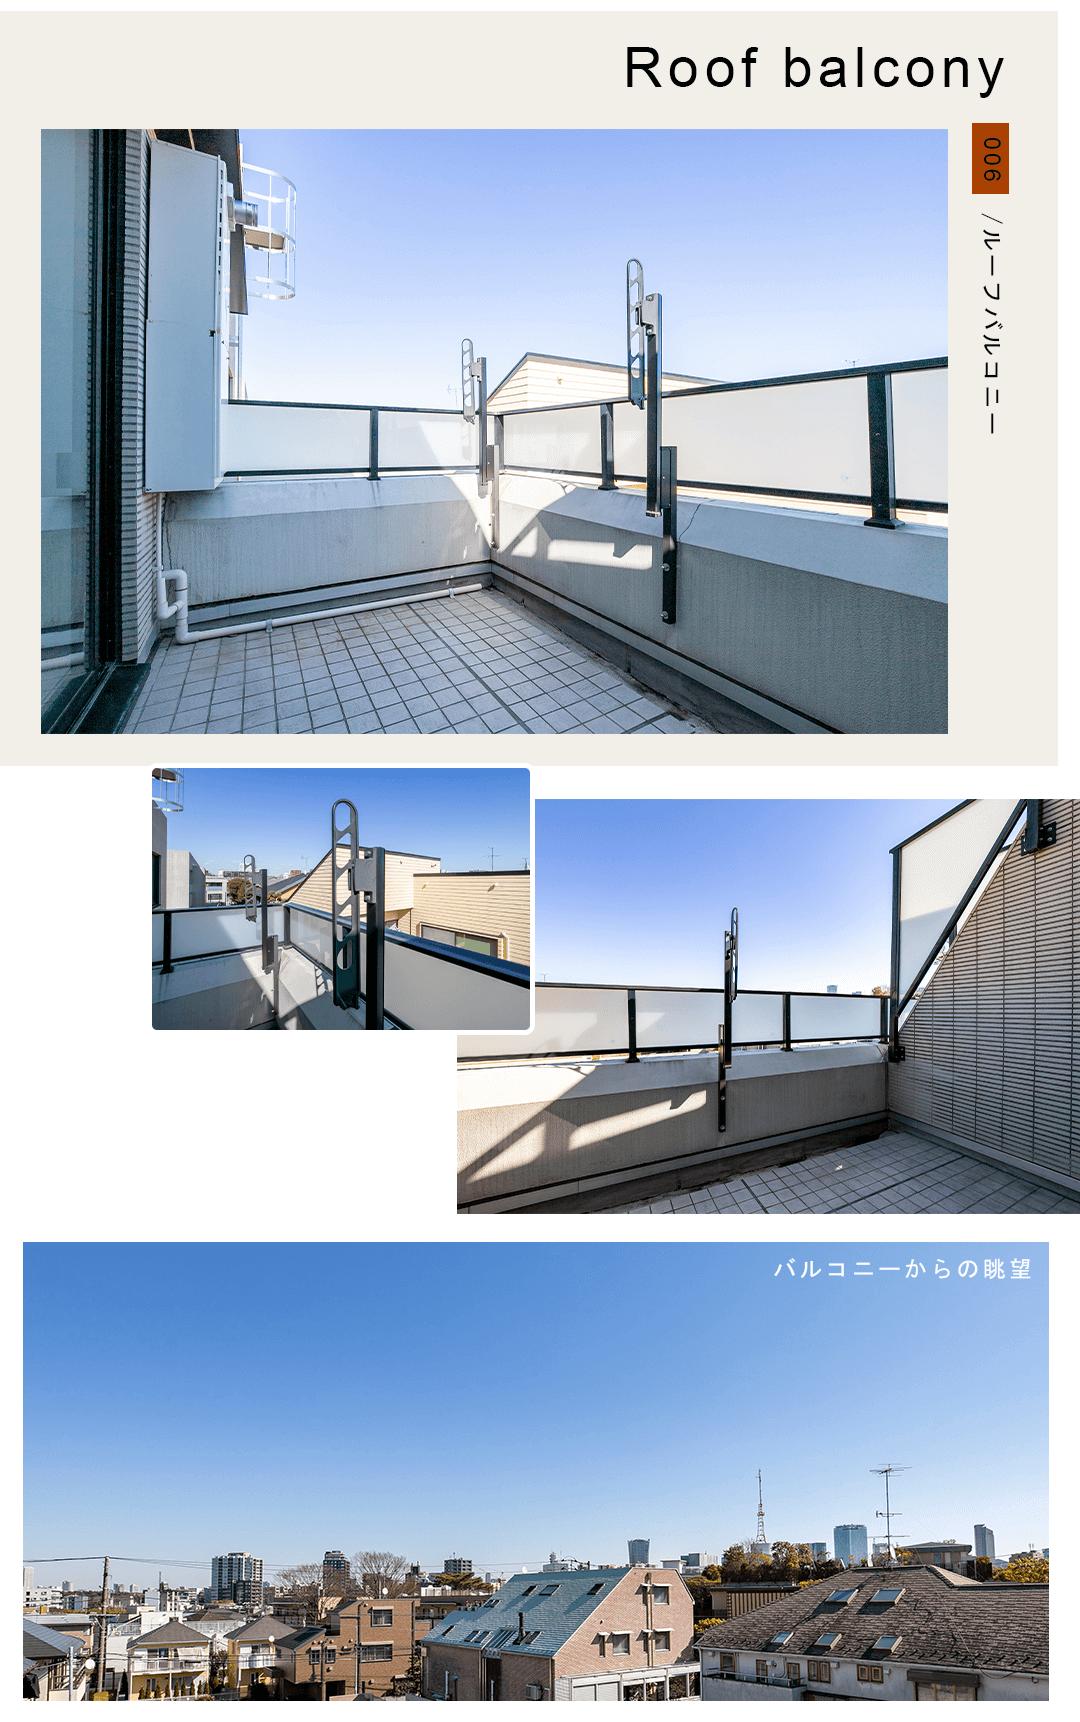 006ルーフバルコニー,Roofbalcony